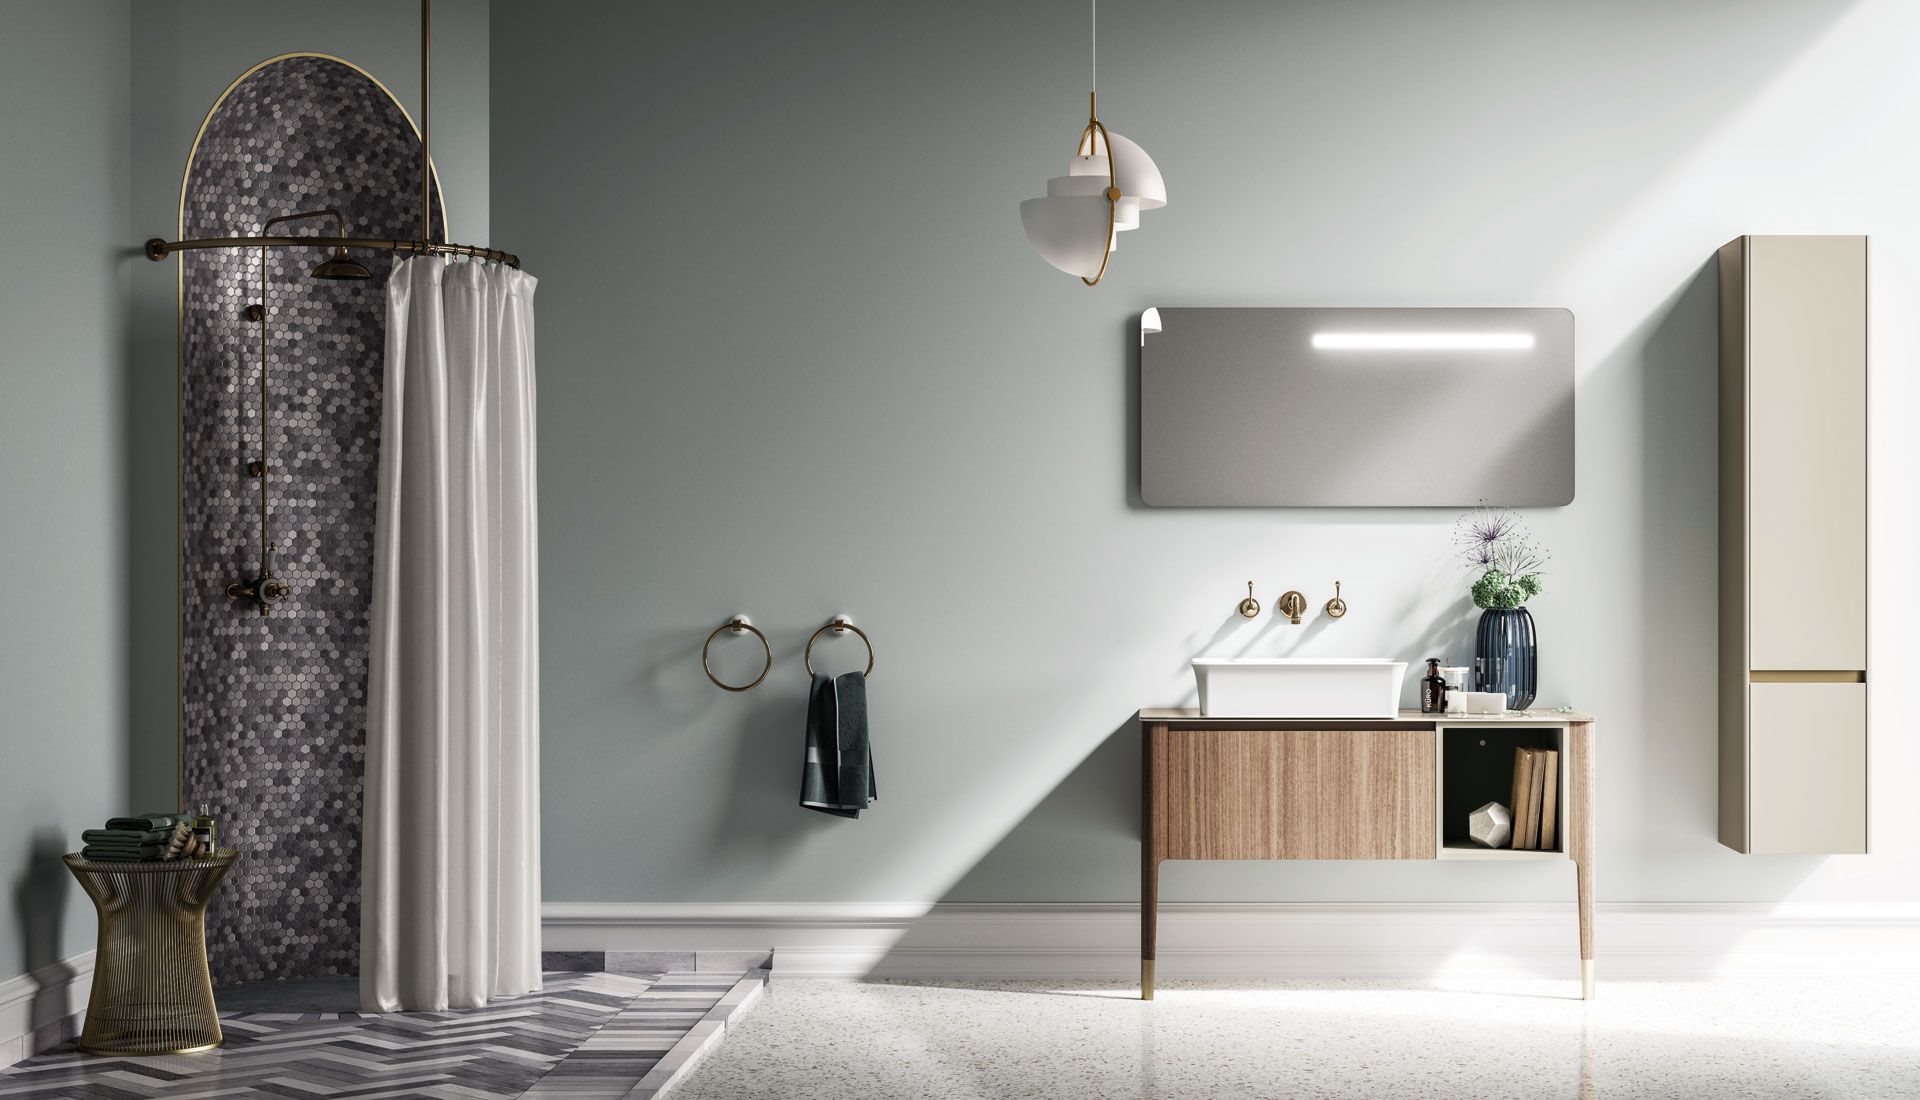 Art Deco Mobili Bagno.Arredobagno Art By Puntotre Home Bagno Arredobagno Bathroom